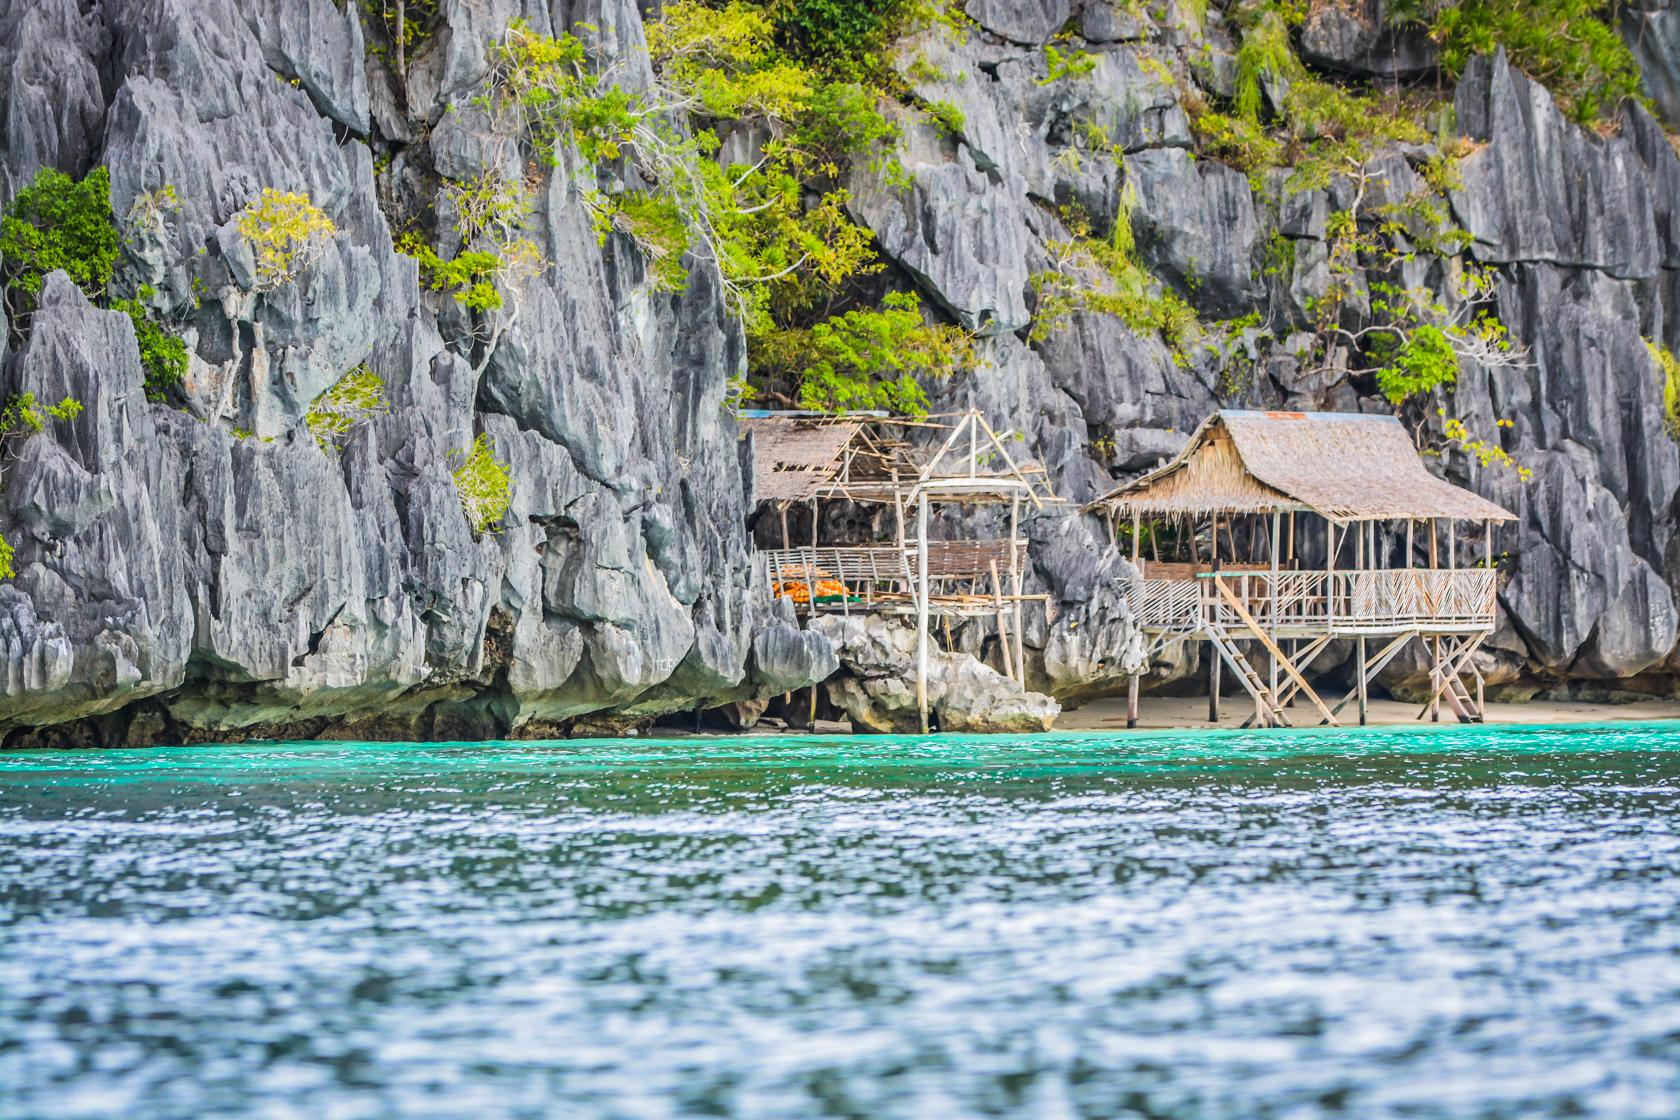 Coron, Philippines – 500